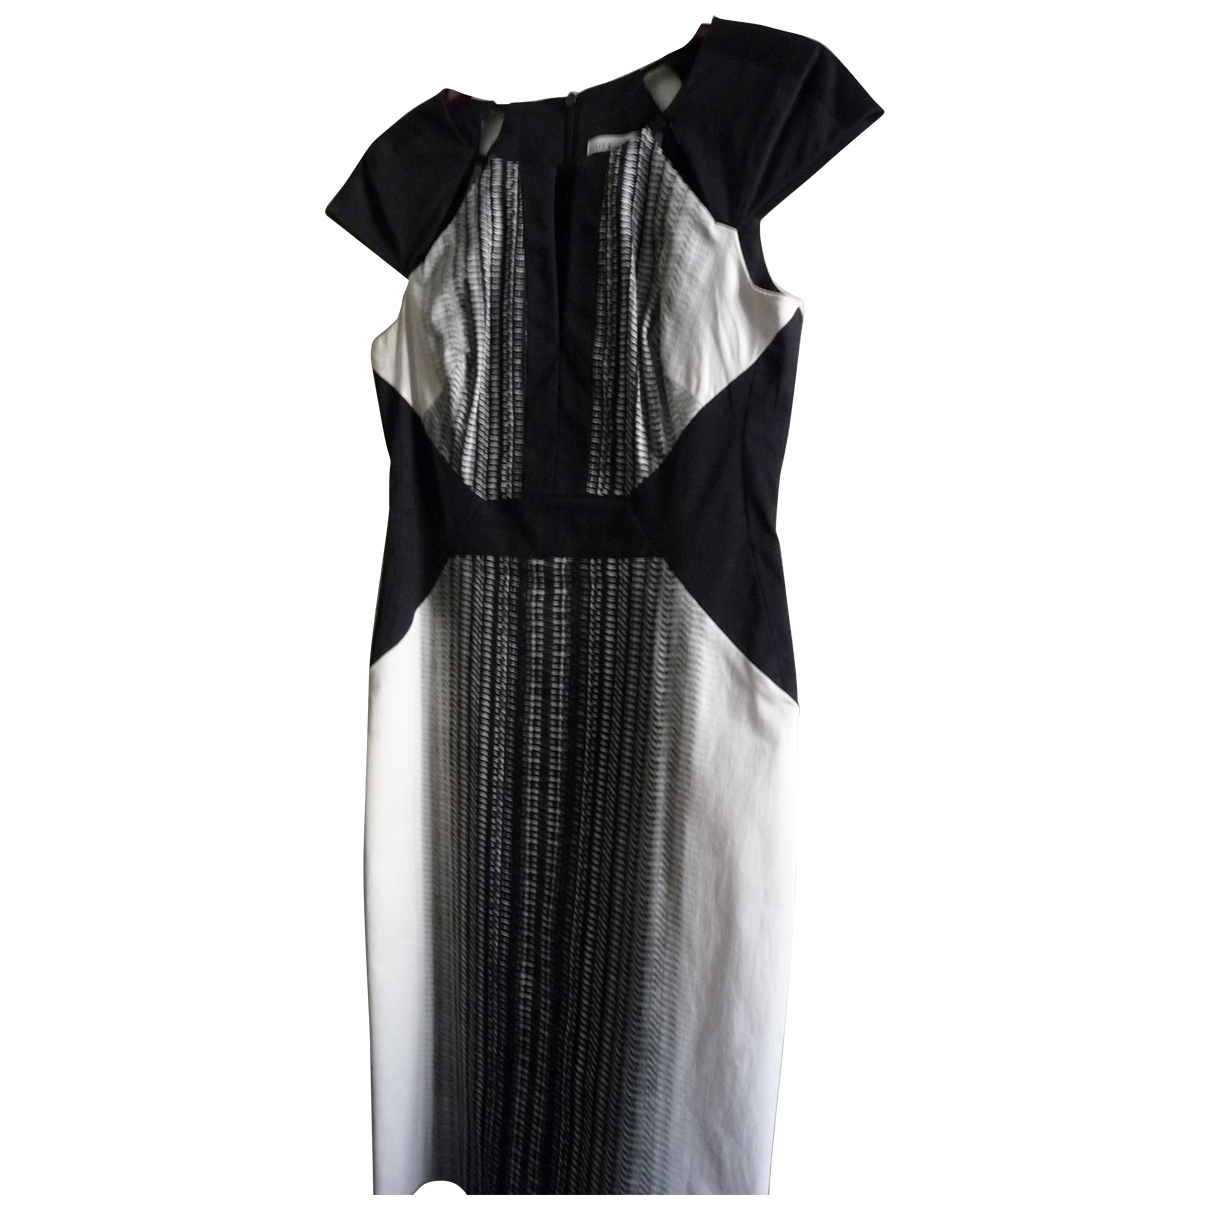 Karen Millen \N Black Cotton - elasthane dress for Women 12 UK